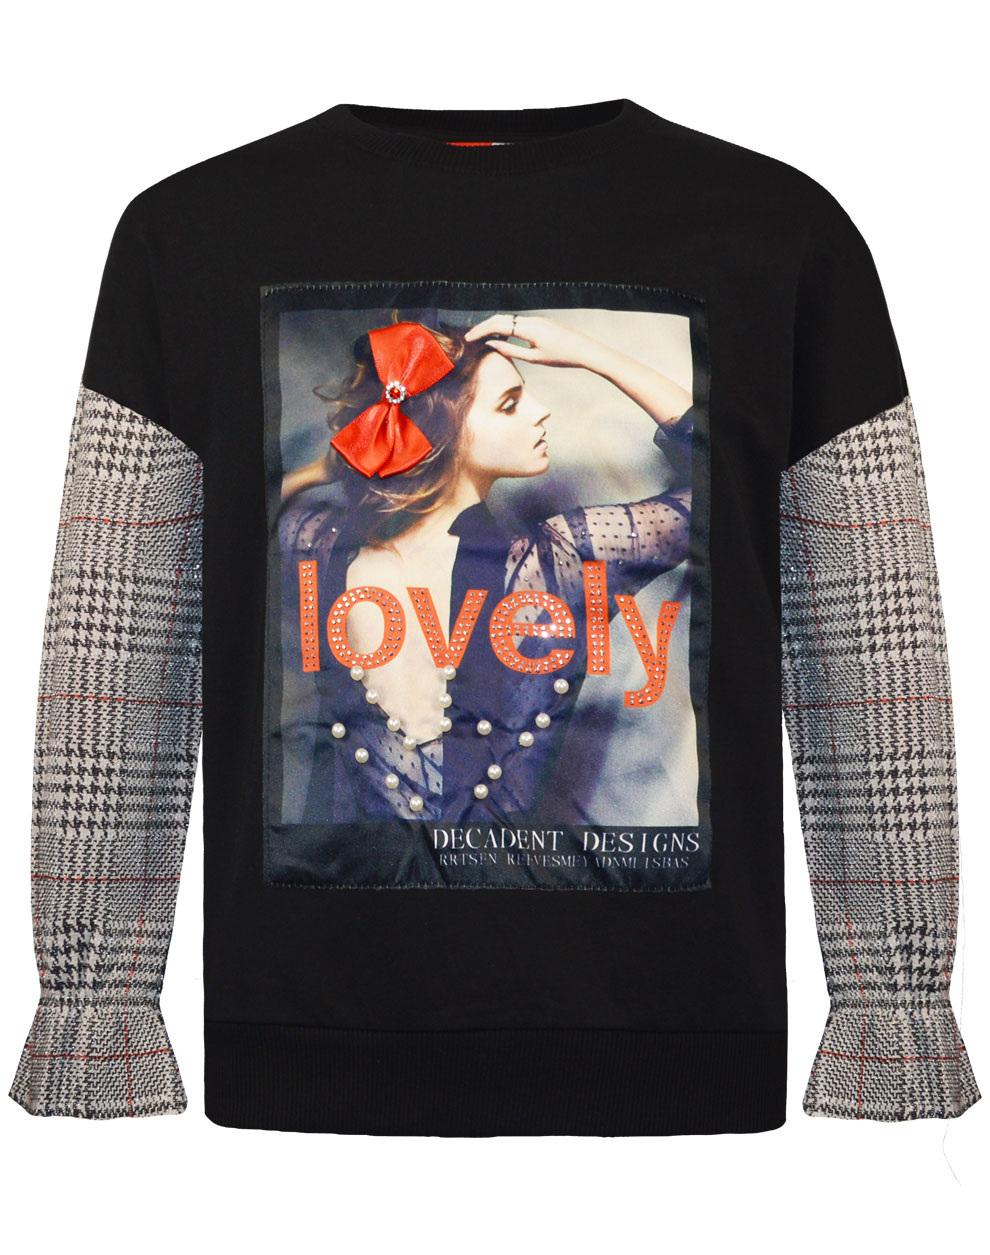 Μπλούζα με διακοσμητικό σατέν φιόγκο, στρας και πέρλες 16-120233-5 - Μαύρο - 18384-10/12/1/106